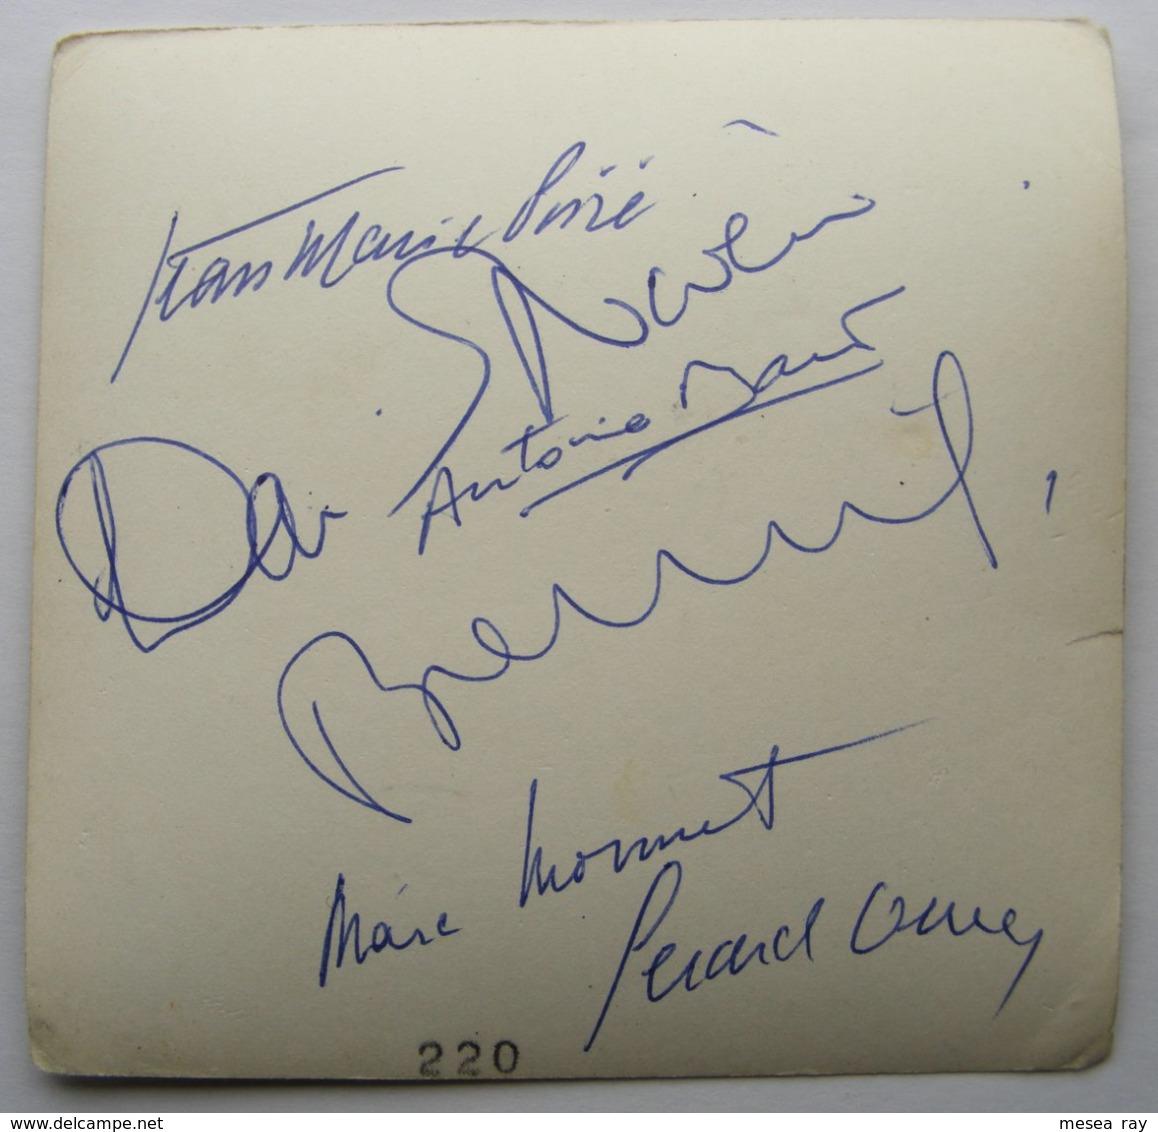 Gerard Oury Dédicace Tournage Le Cerveau Le Havre Photo Originale Dédicacée Bourvil David Niven 1968 3/19 - Signiert